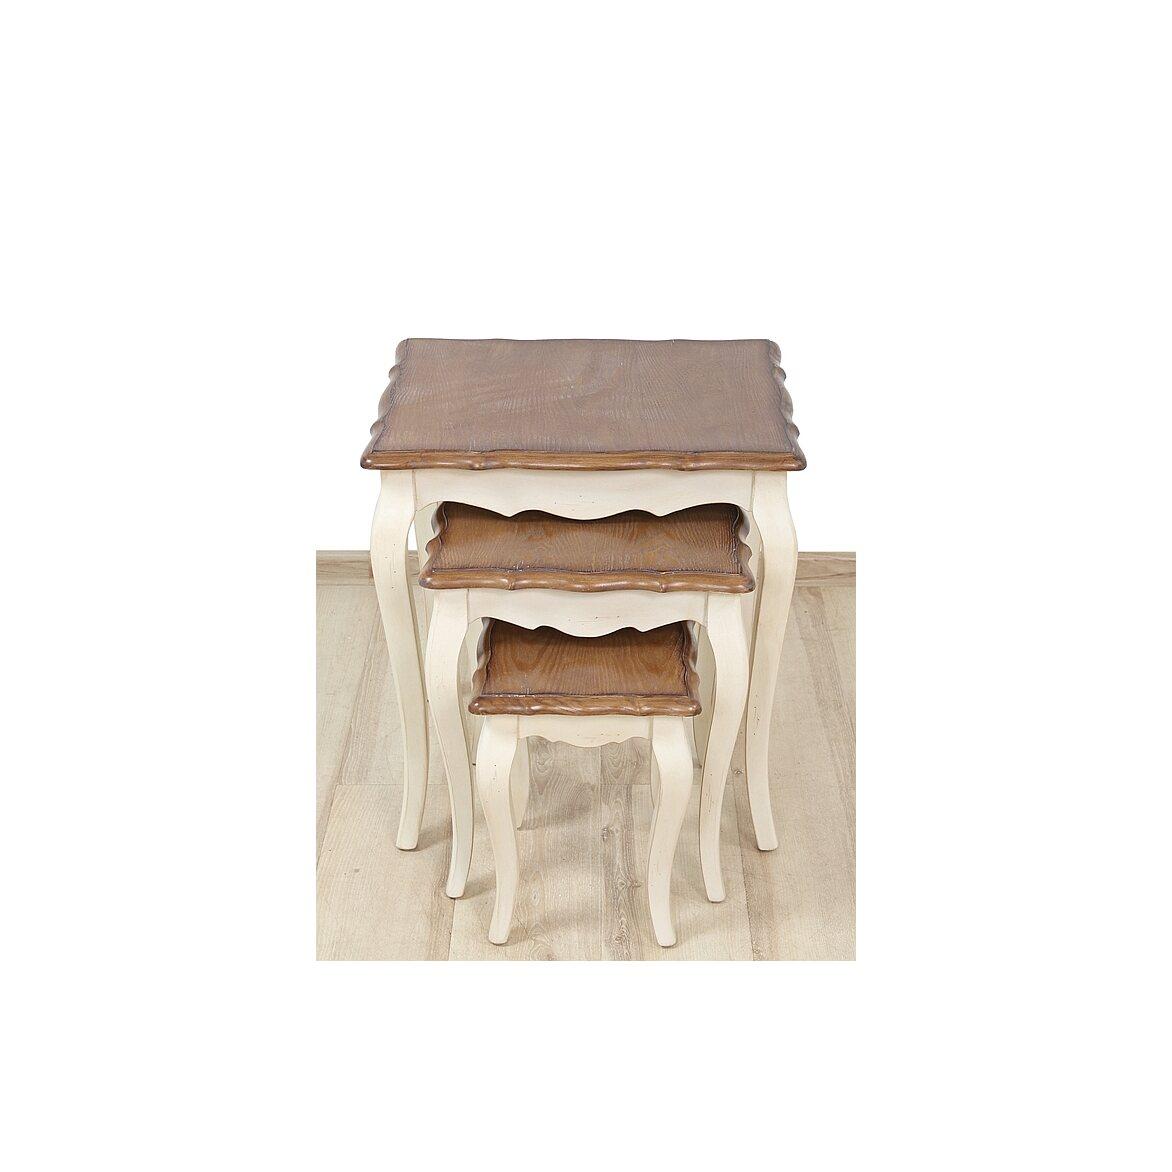 Консольные столики (комплект) Leontina, бежевого цвета 4 | Консоли Kingsby